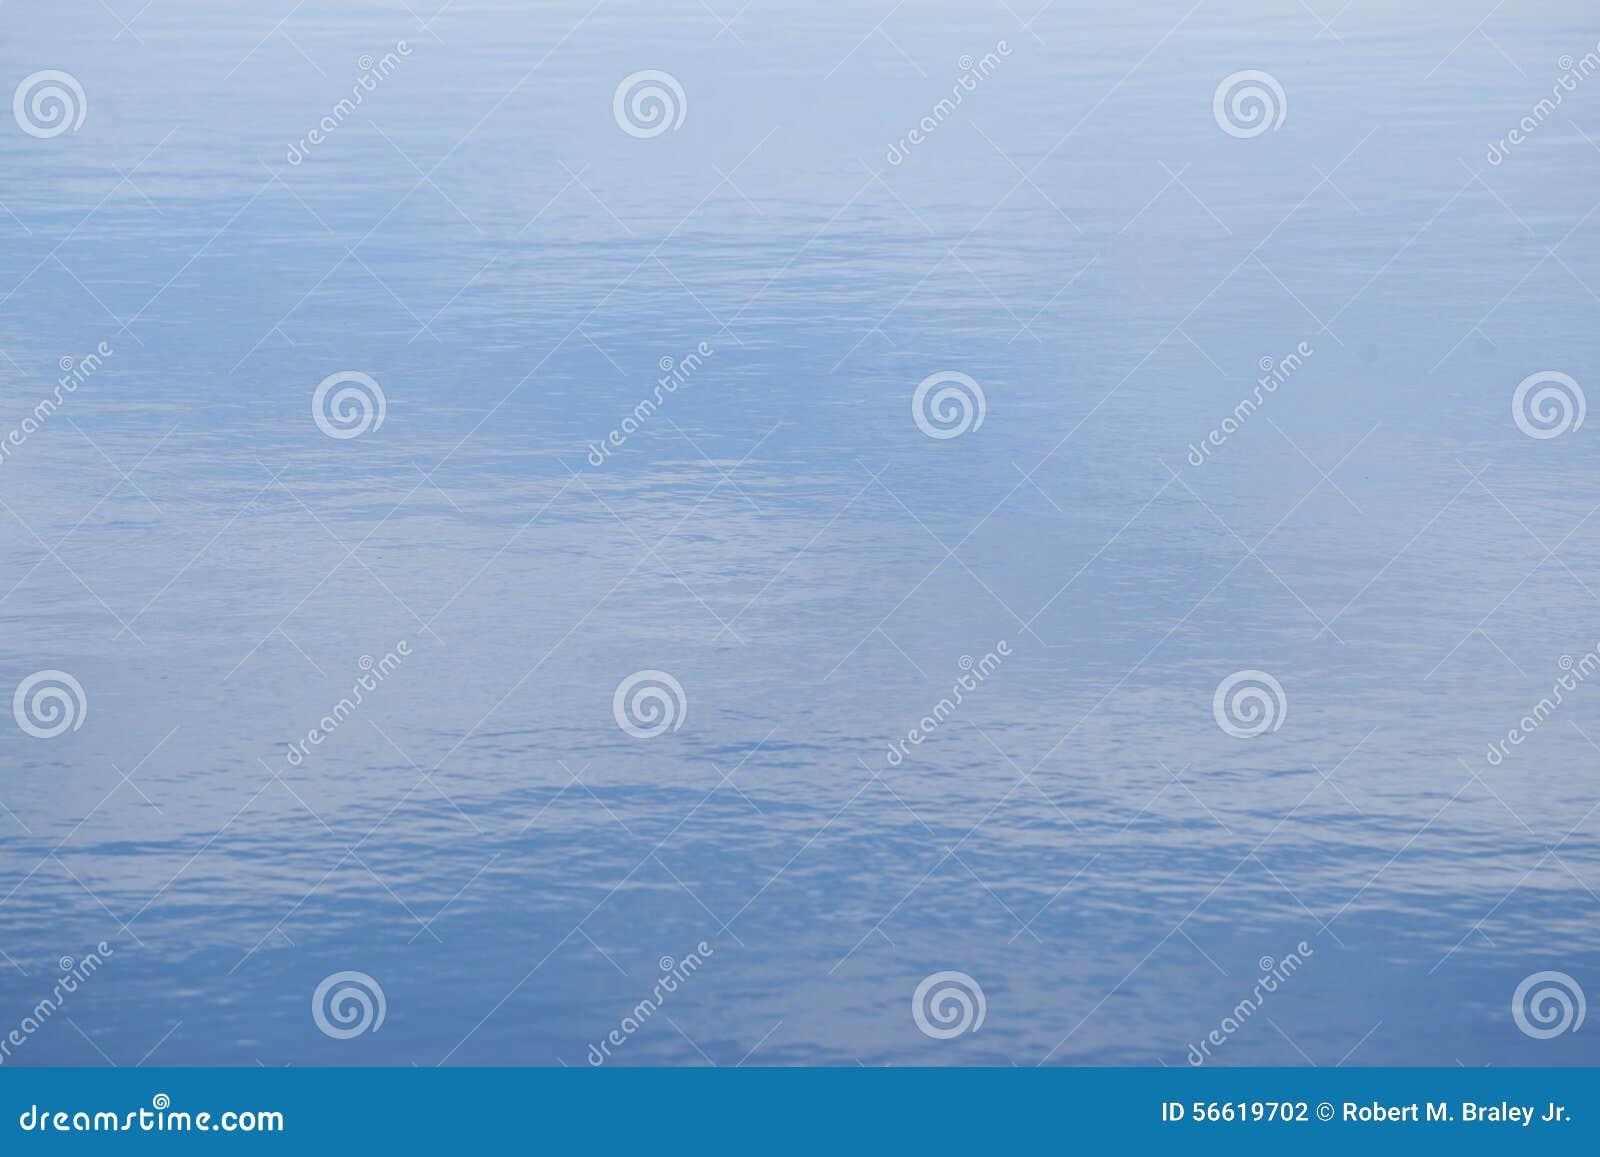 Blue Calm Lake